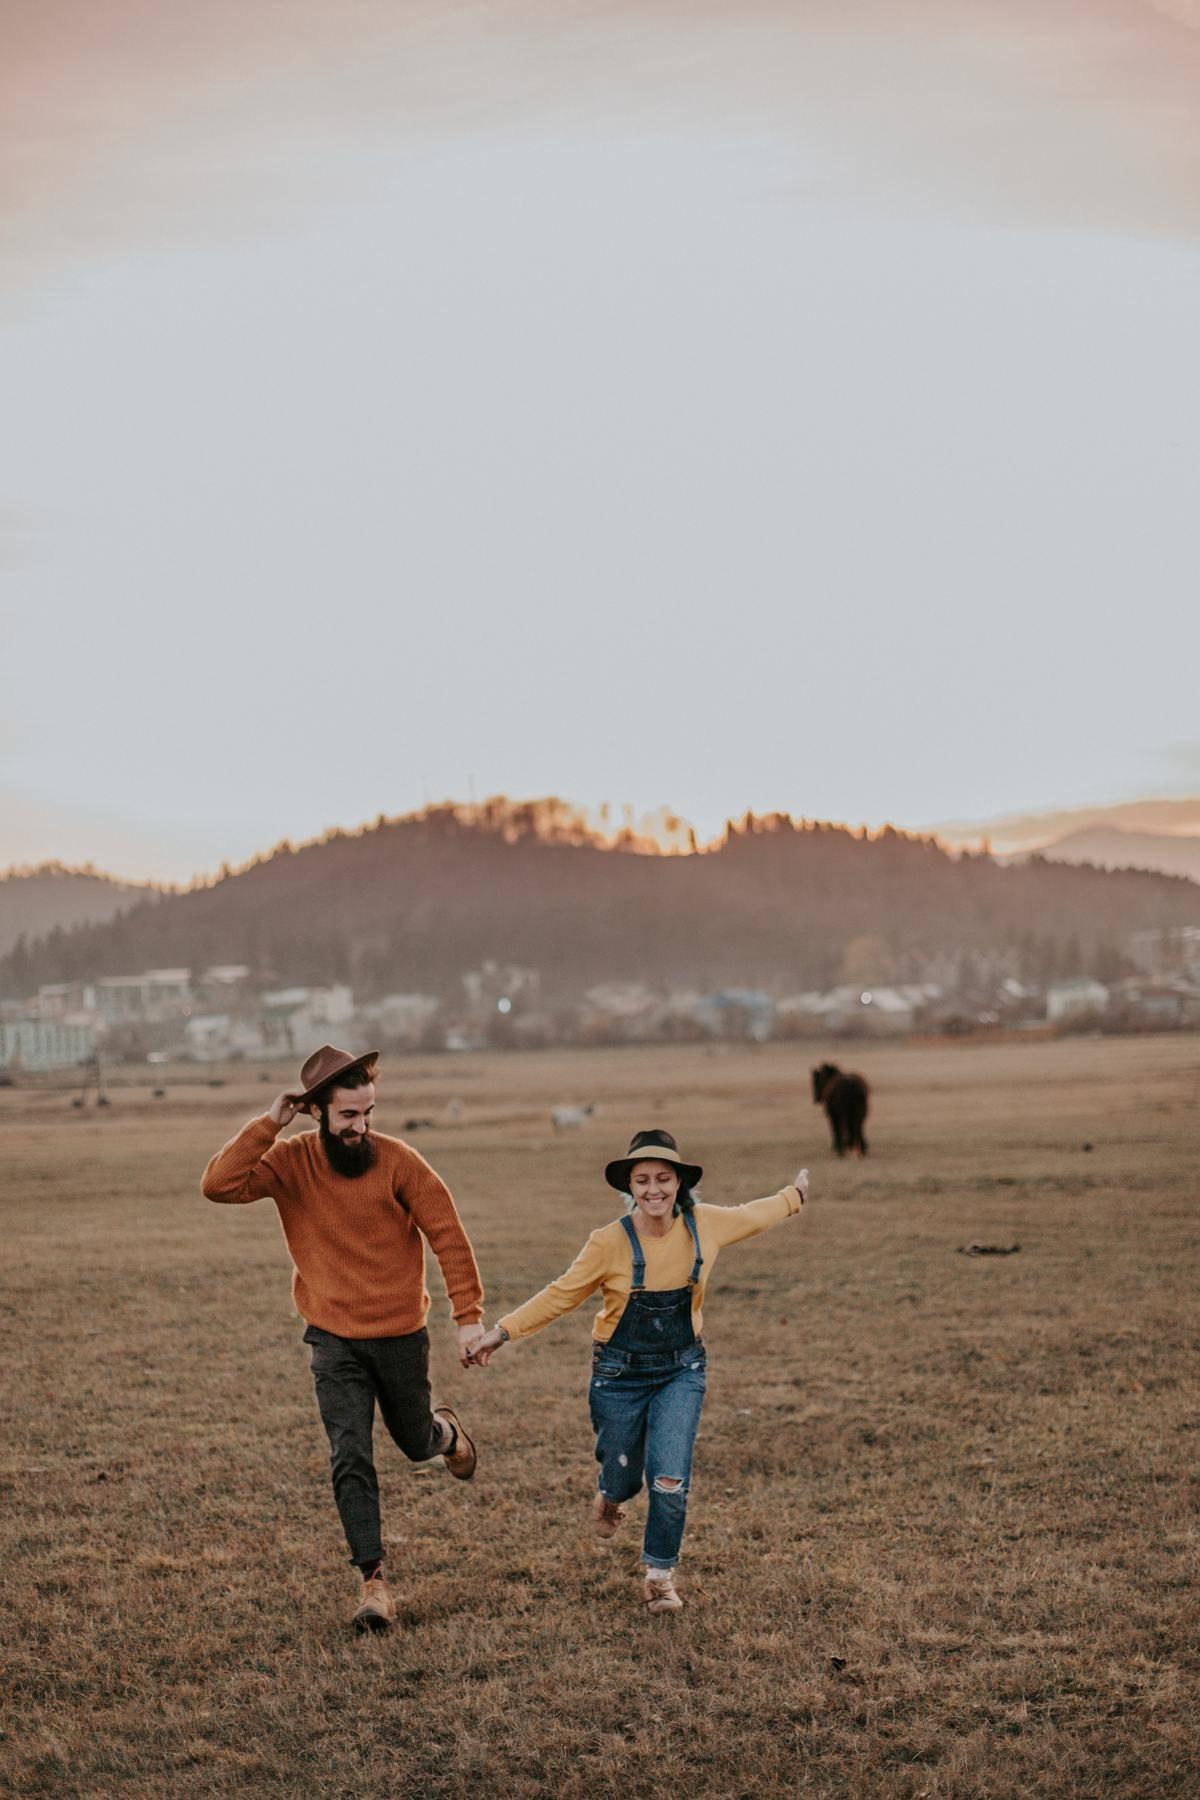 a couple running through a field